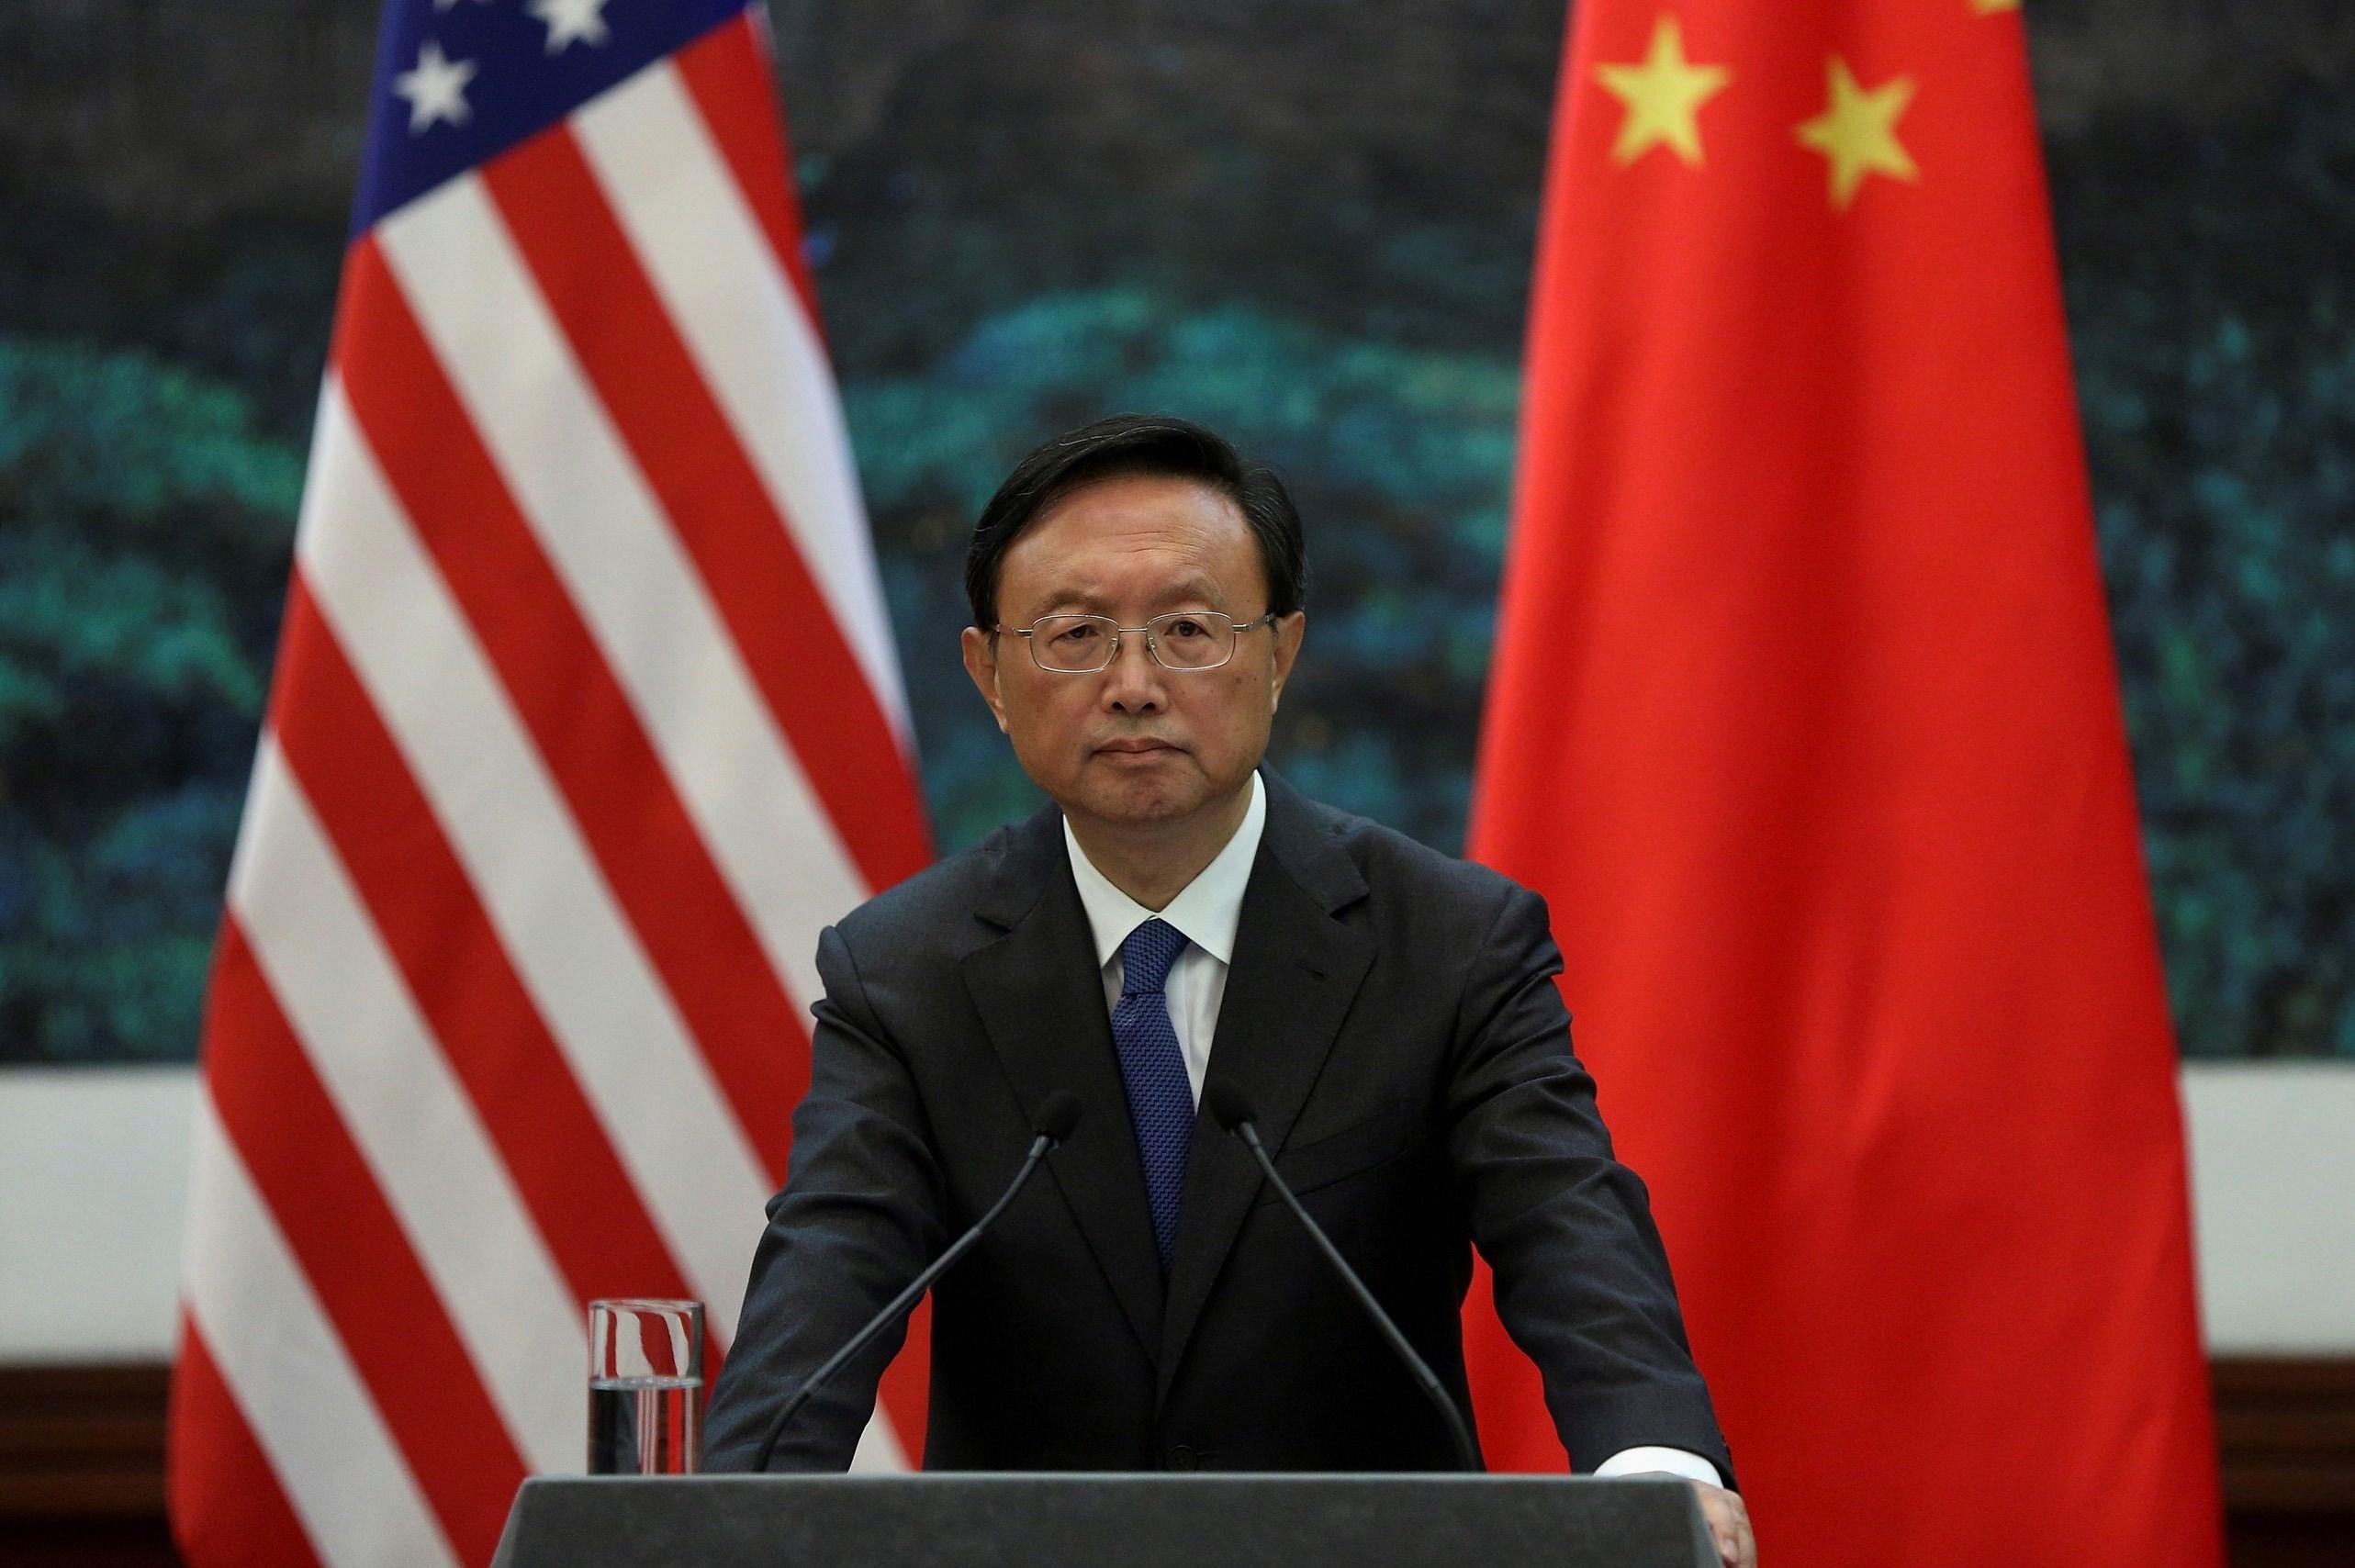 أعلى دبلوماسي صيني يطالب بومبيو بالكف عن التدخل في شؤون بلاده